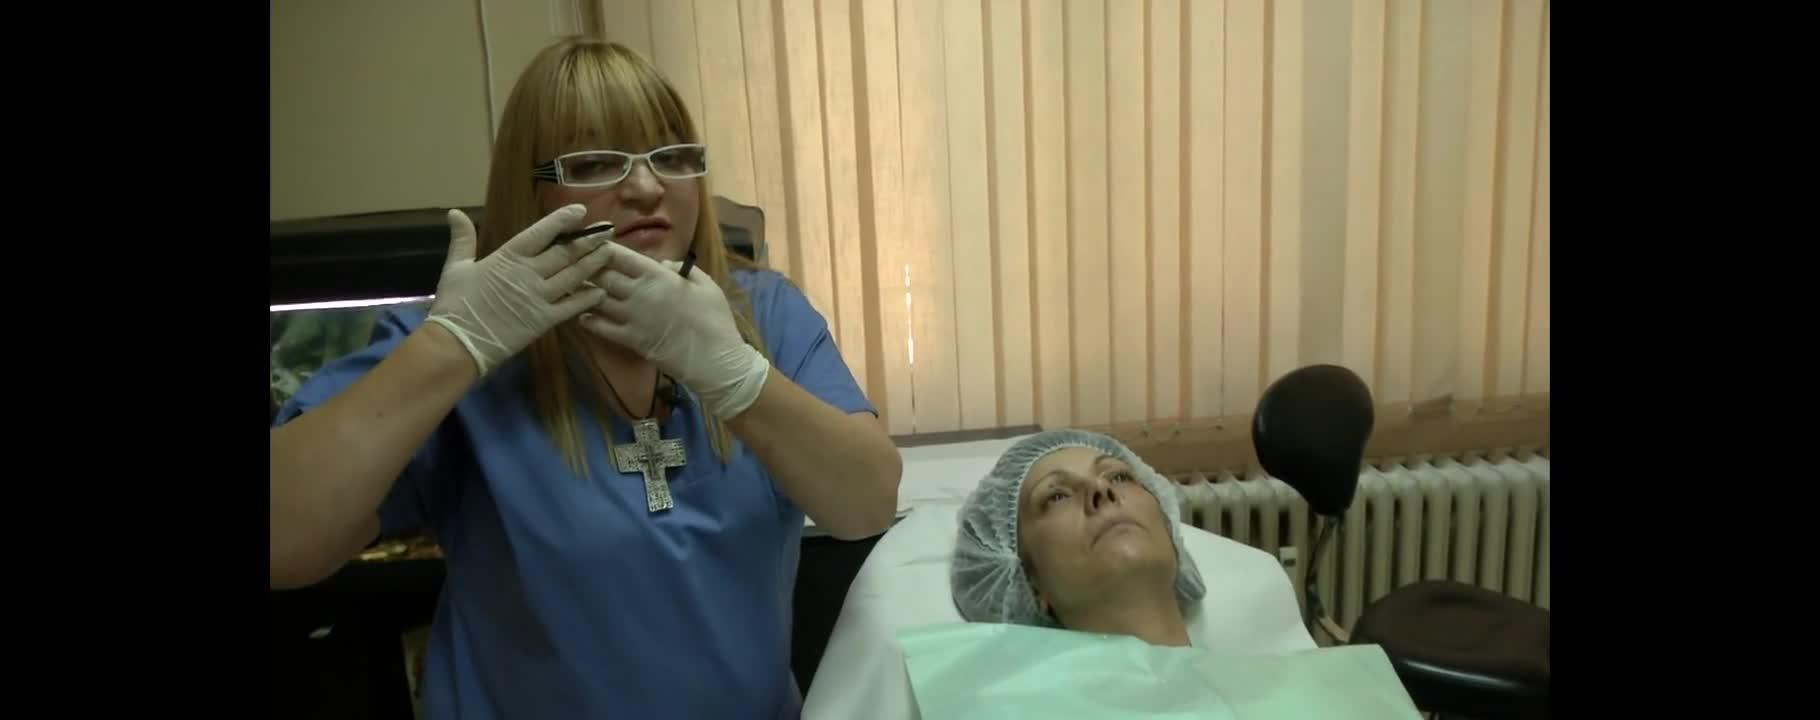 Неоперативен лифтинг с мезо конци - лазерен и дерматологичен център за естетична медицина Пандерма